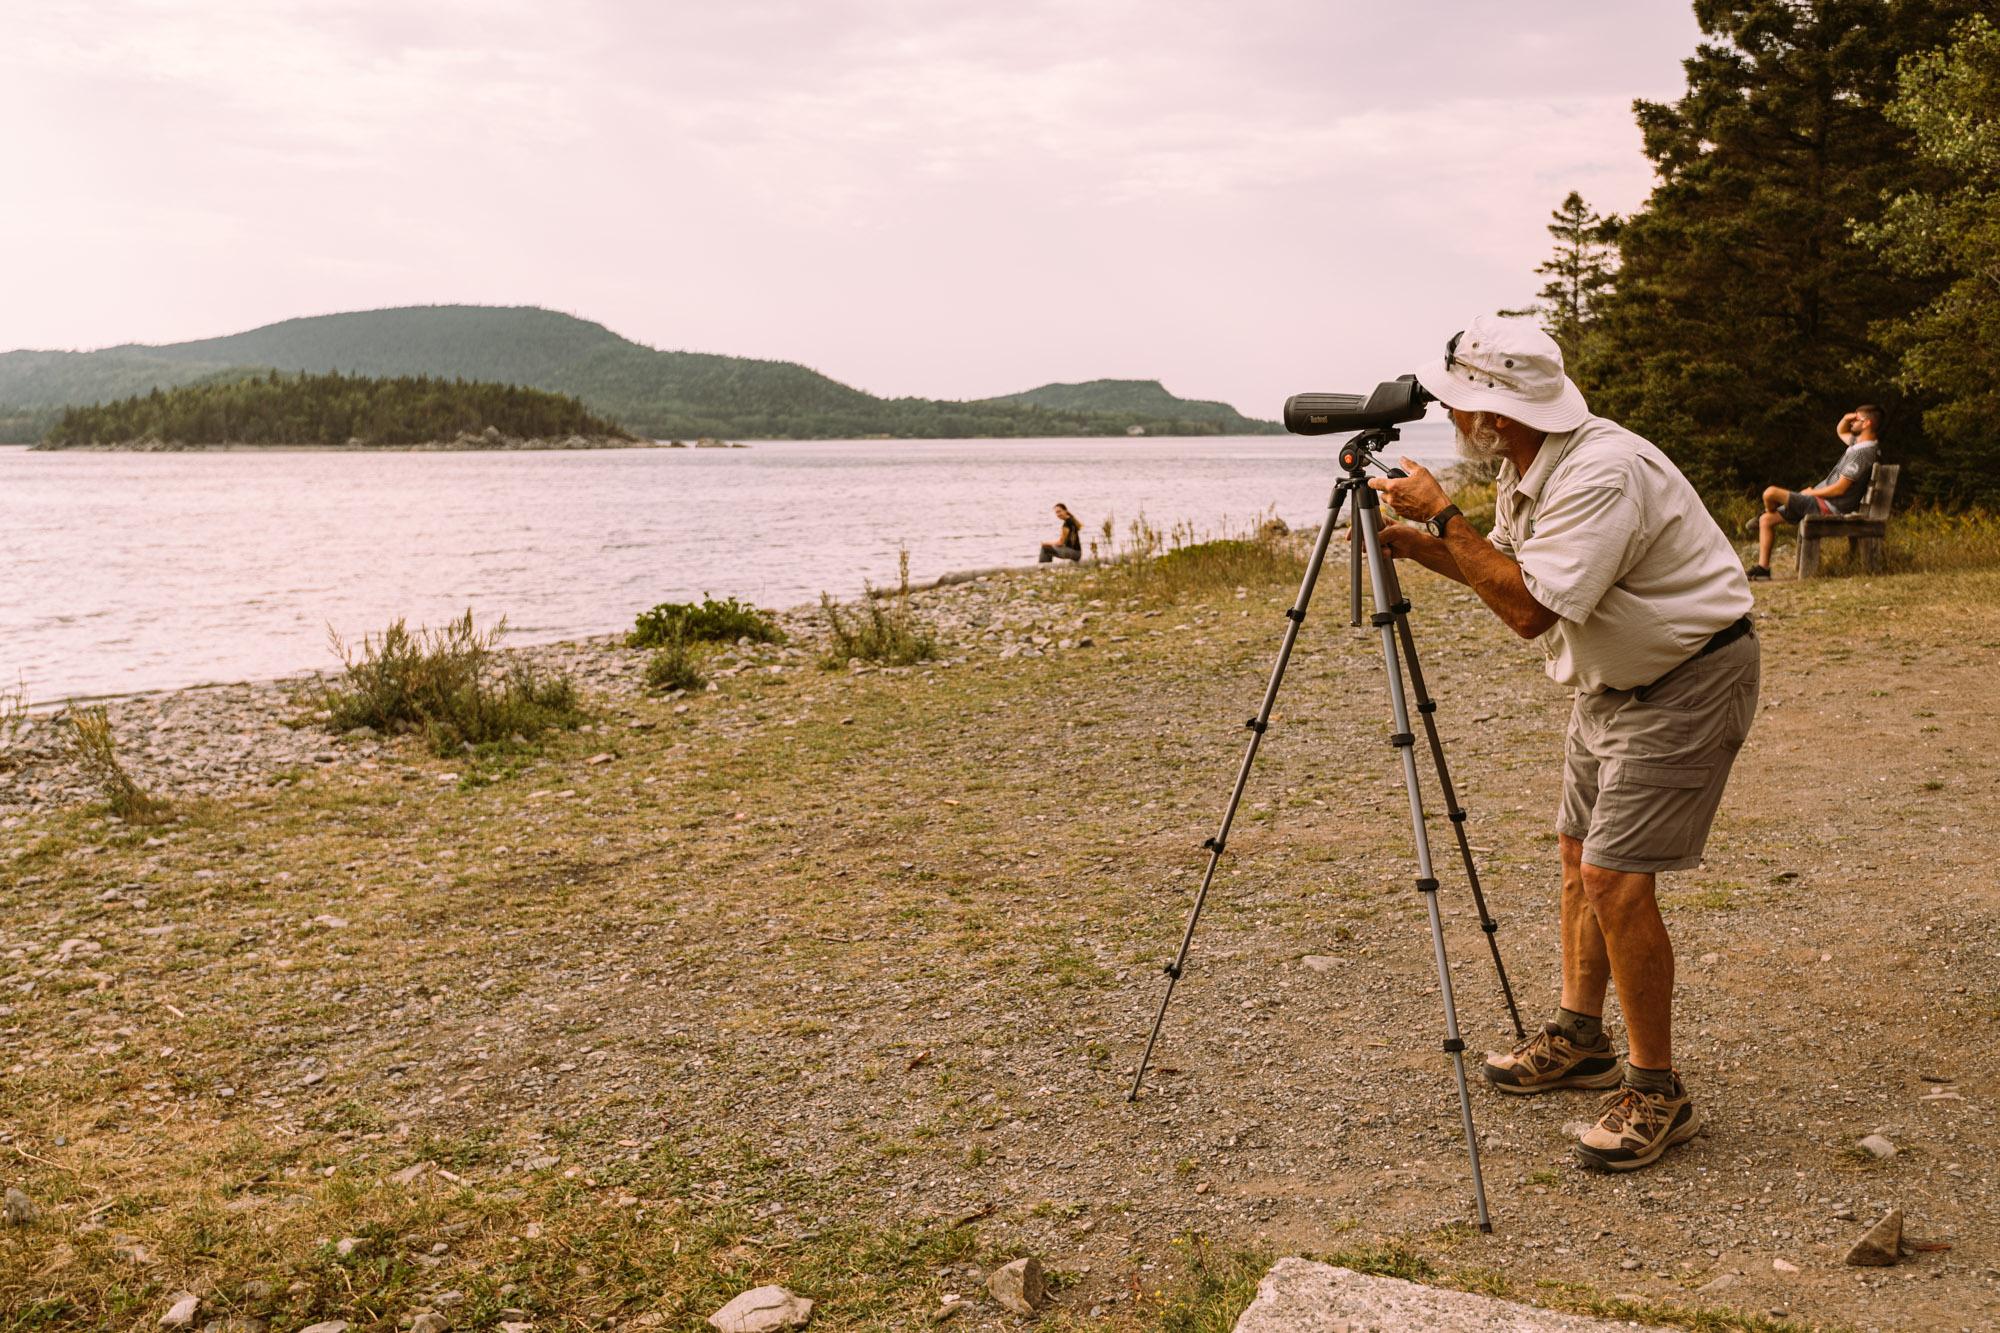 Observation de phoques - Parc national du Bic - Parcs Nationaux - Sépaq - Tourisme Bas-Saint-Laurent - Jeff On The Road